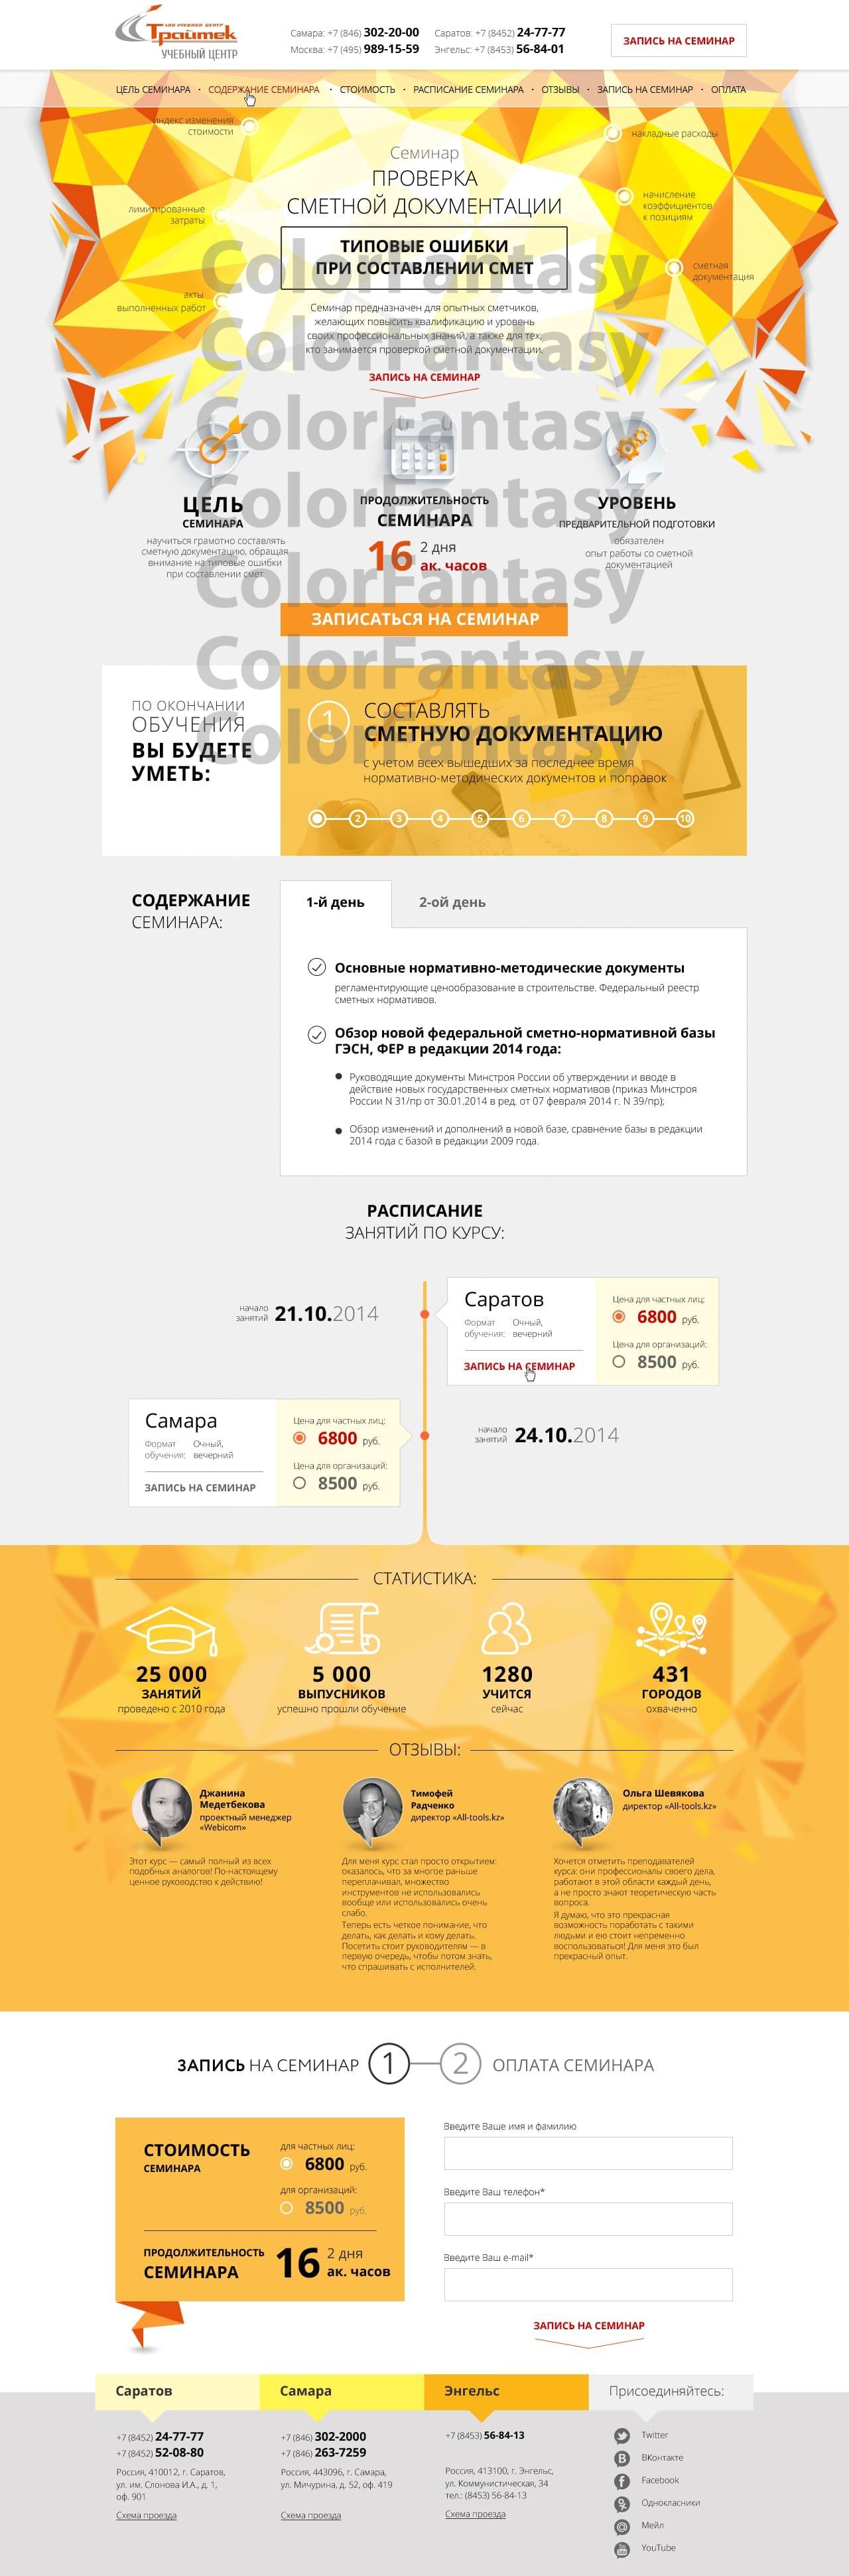 Дизайн-концепция сайта в римском стиле фото f_0375b45adfe4c87c.jpg